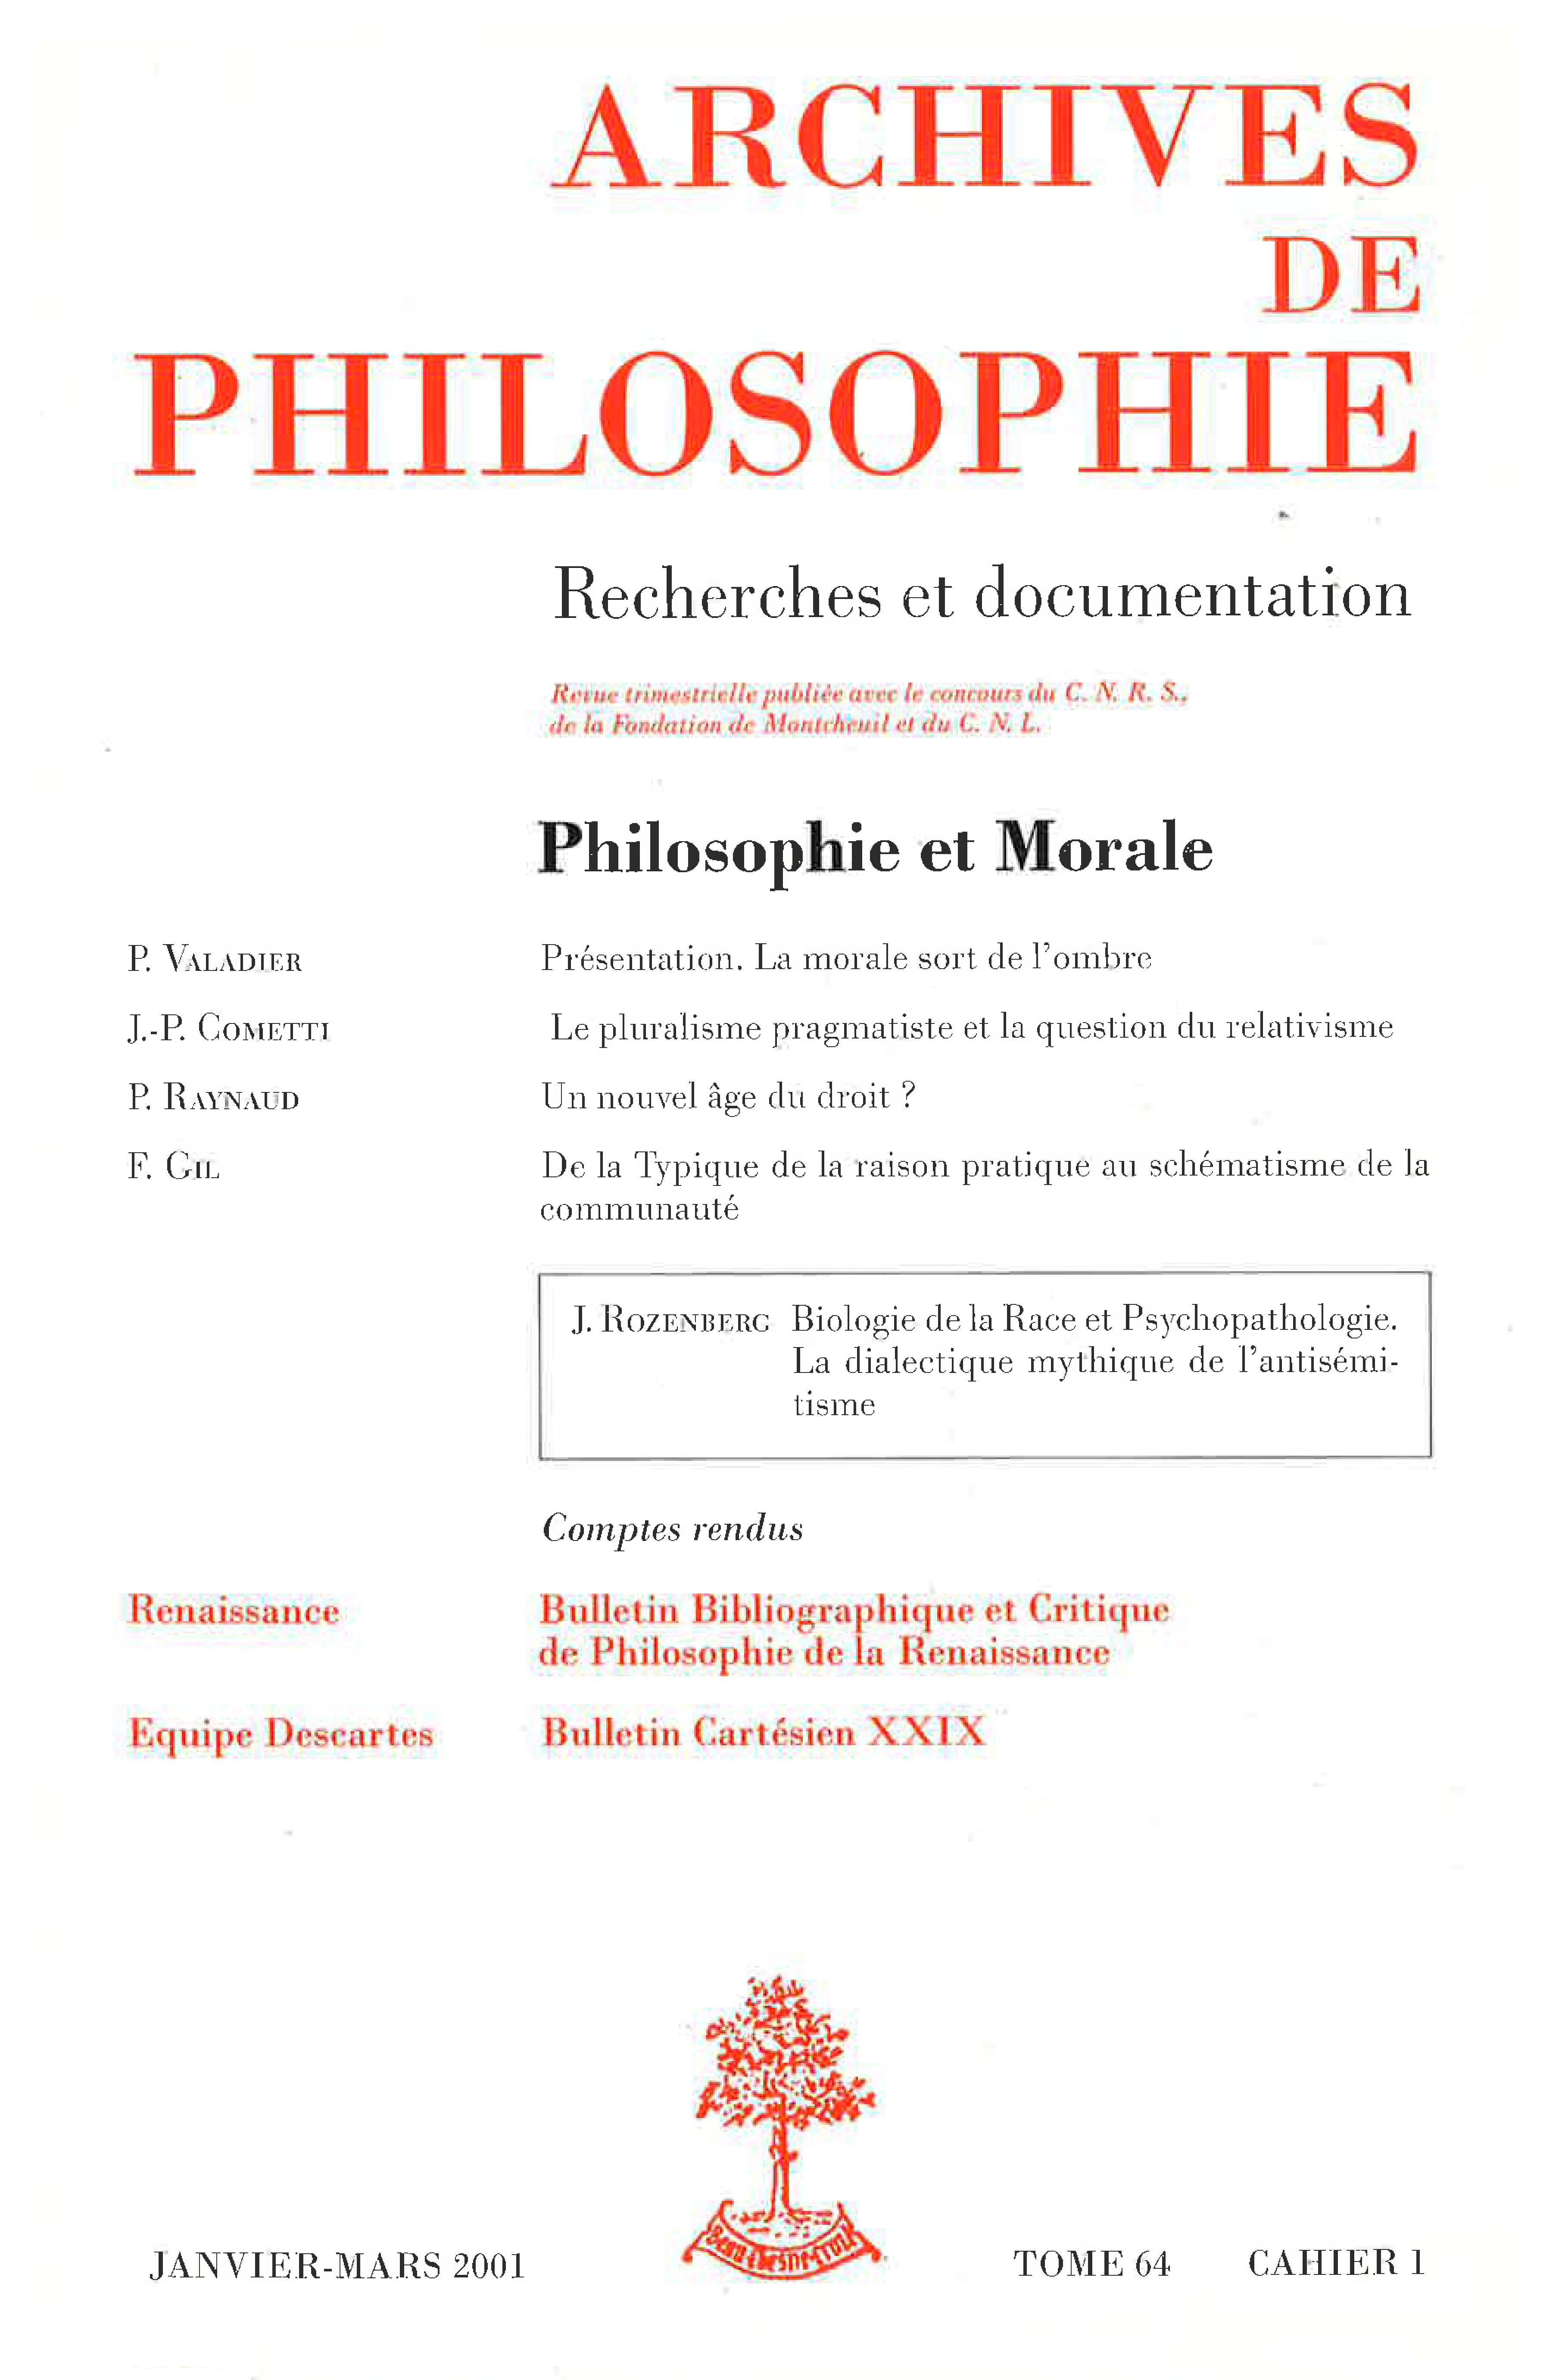 Et La Bulletin Philosophie Critique Bibliographique De wvN80nymO